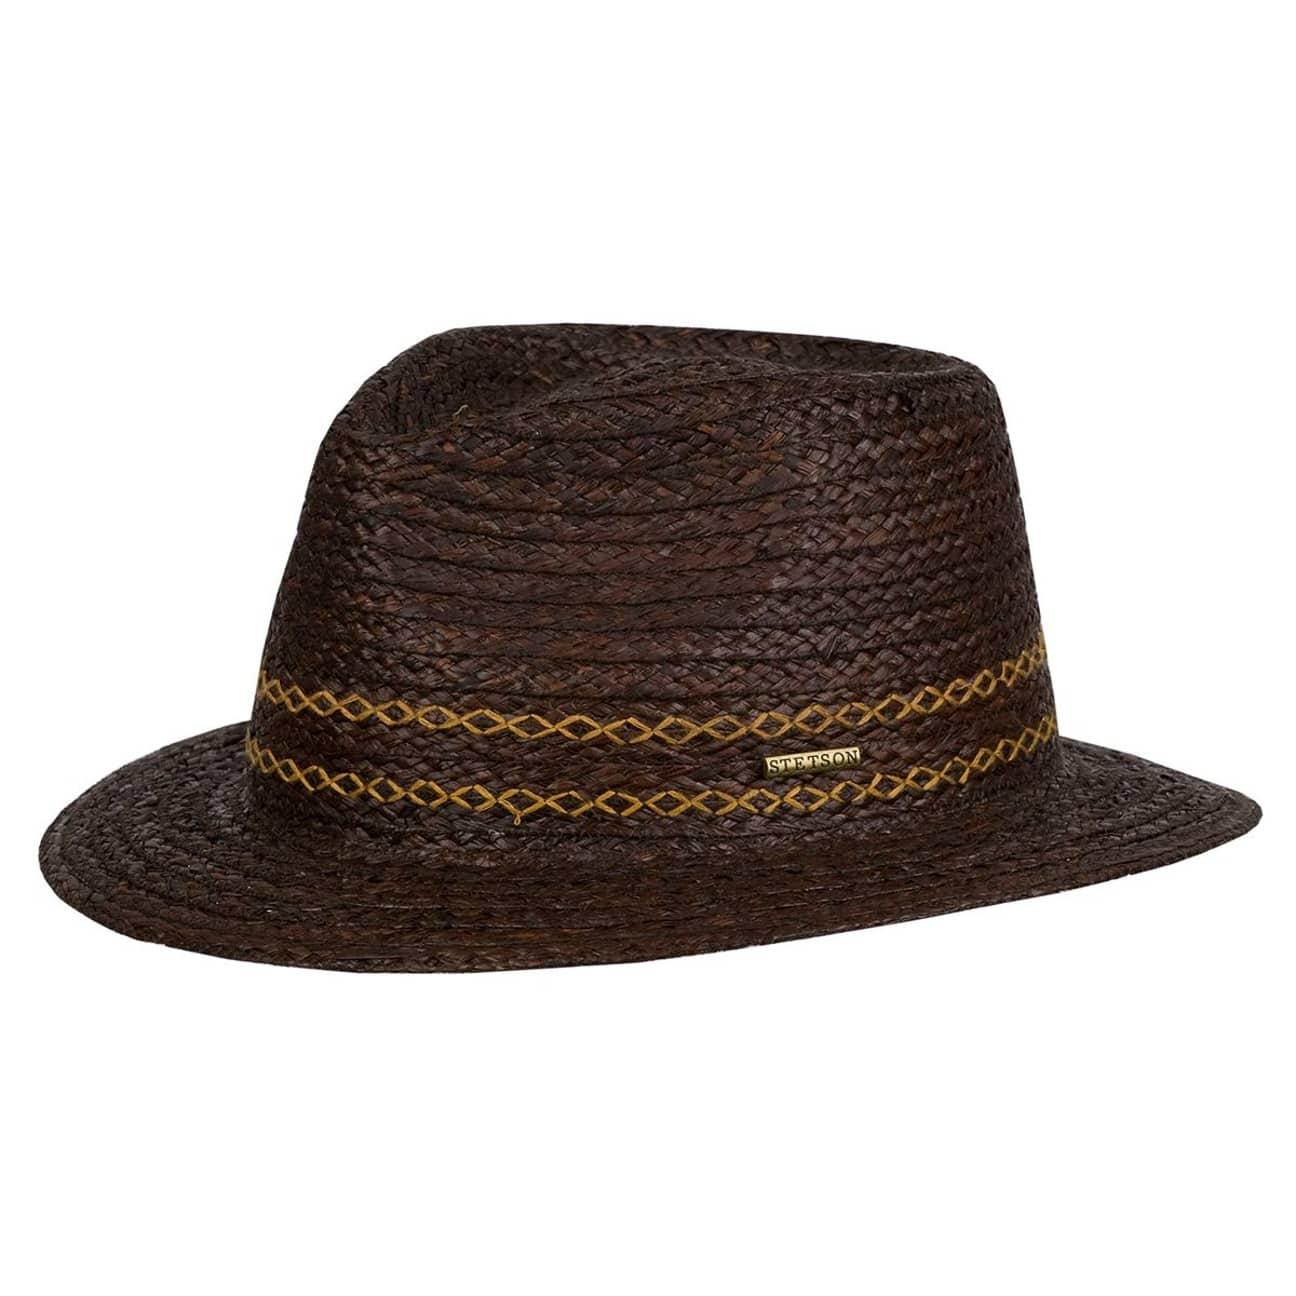 3aebddbea7484 Andover Raffia Straw Hat by Stetson - brown 1 ...